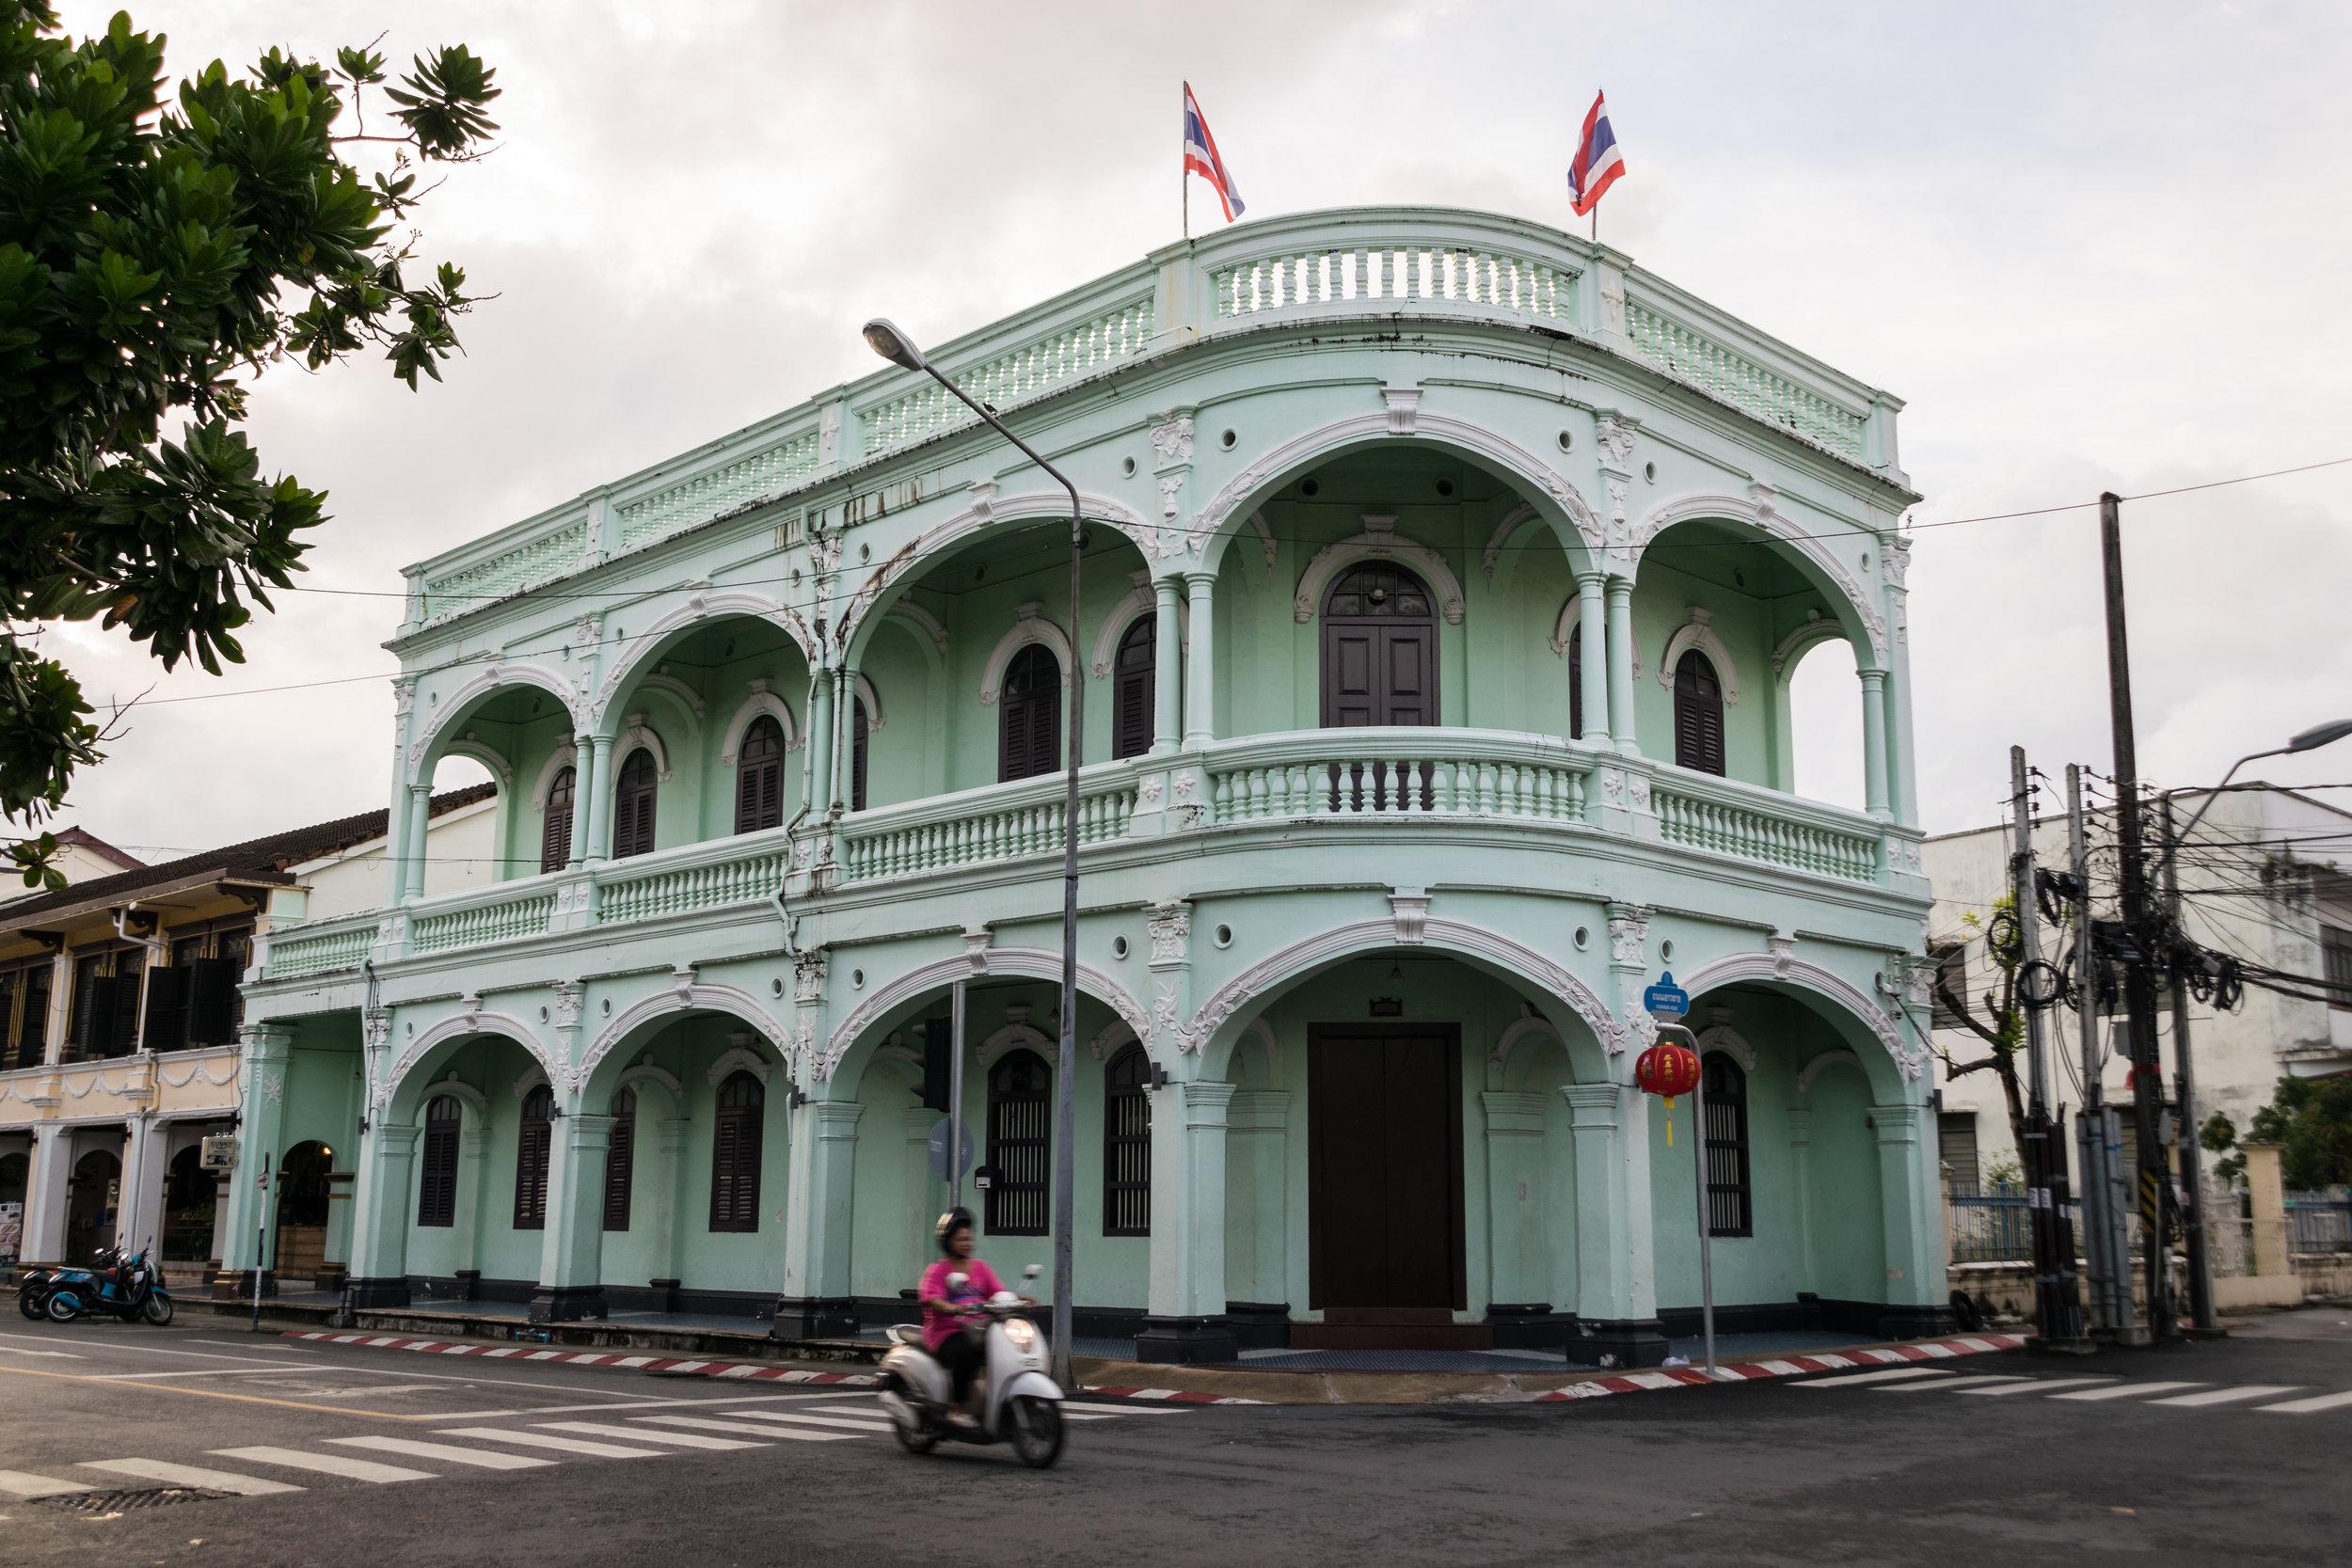 Phuket Old Town buildings-15.jpg